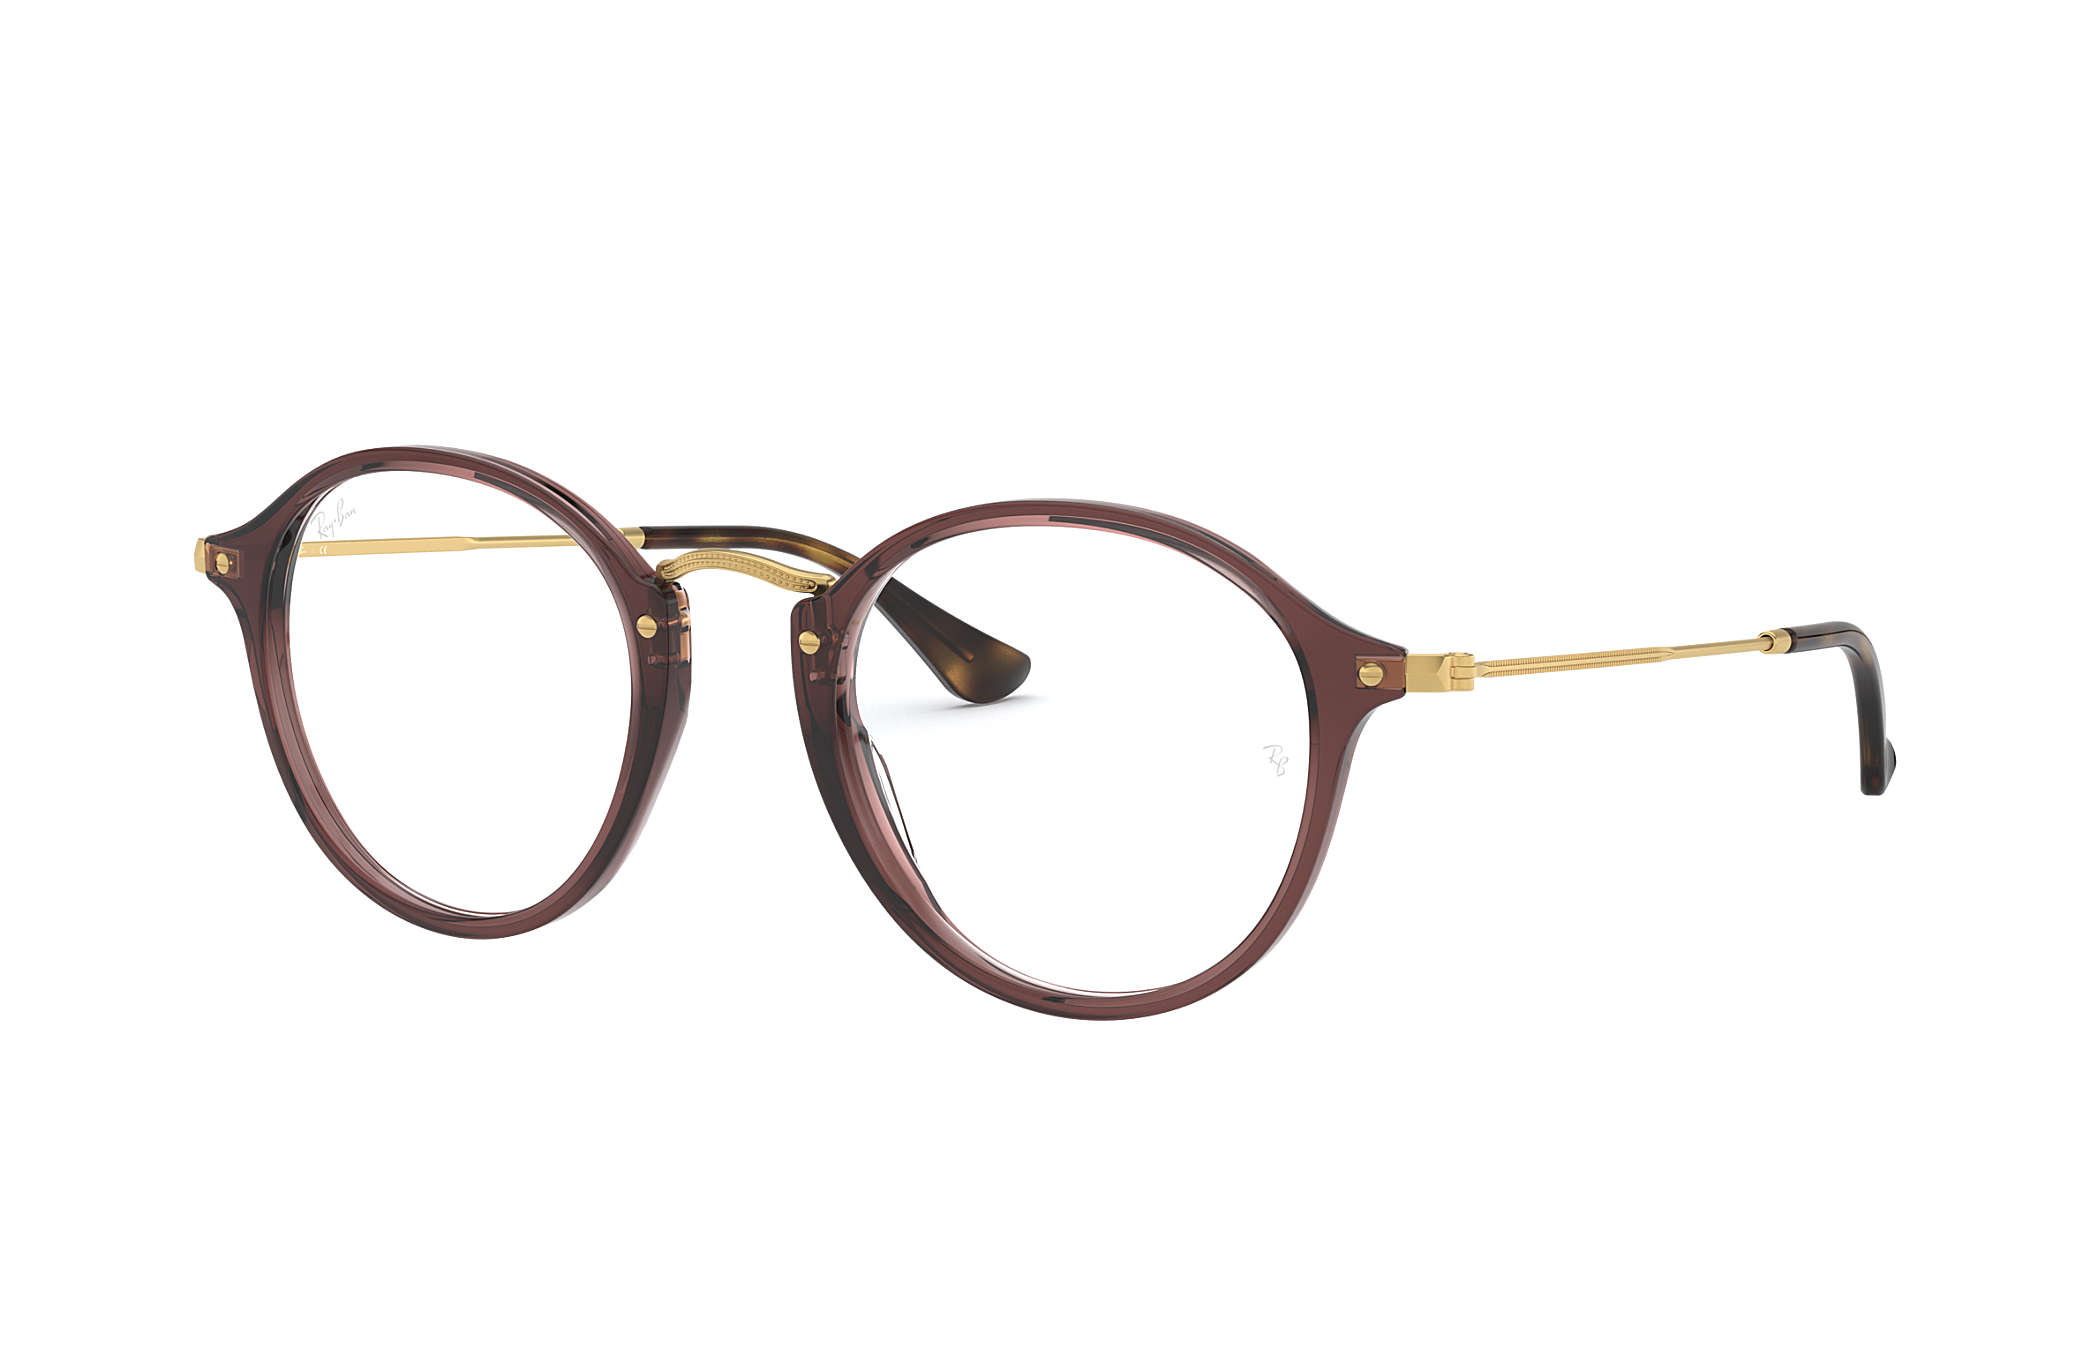 Lunette De Vue Homme Ronde : lunette de vue ronde homme rayban david simchi levi ~ Pogadajmy.info Styles, Décorations et Voitures